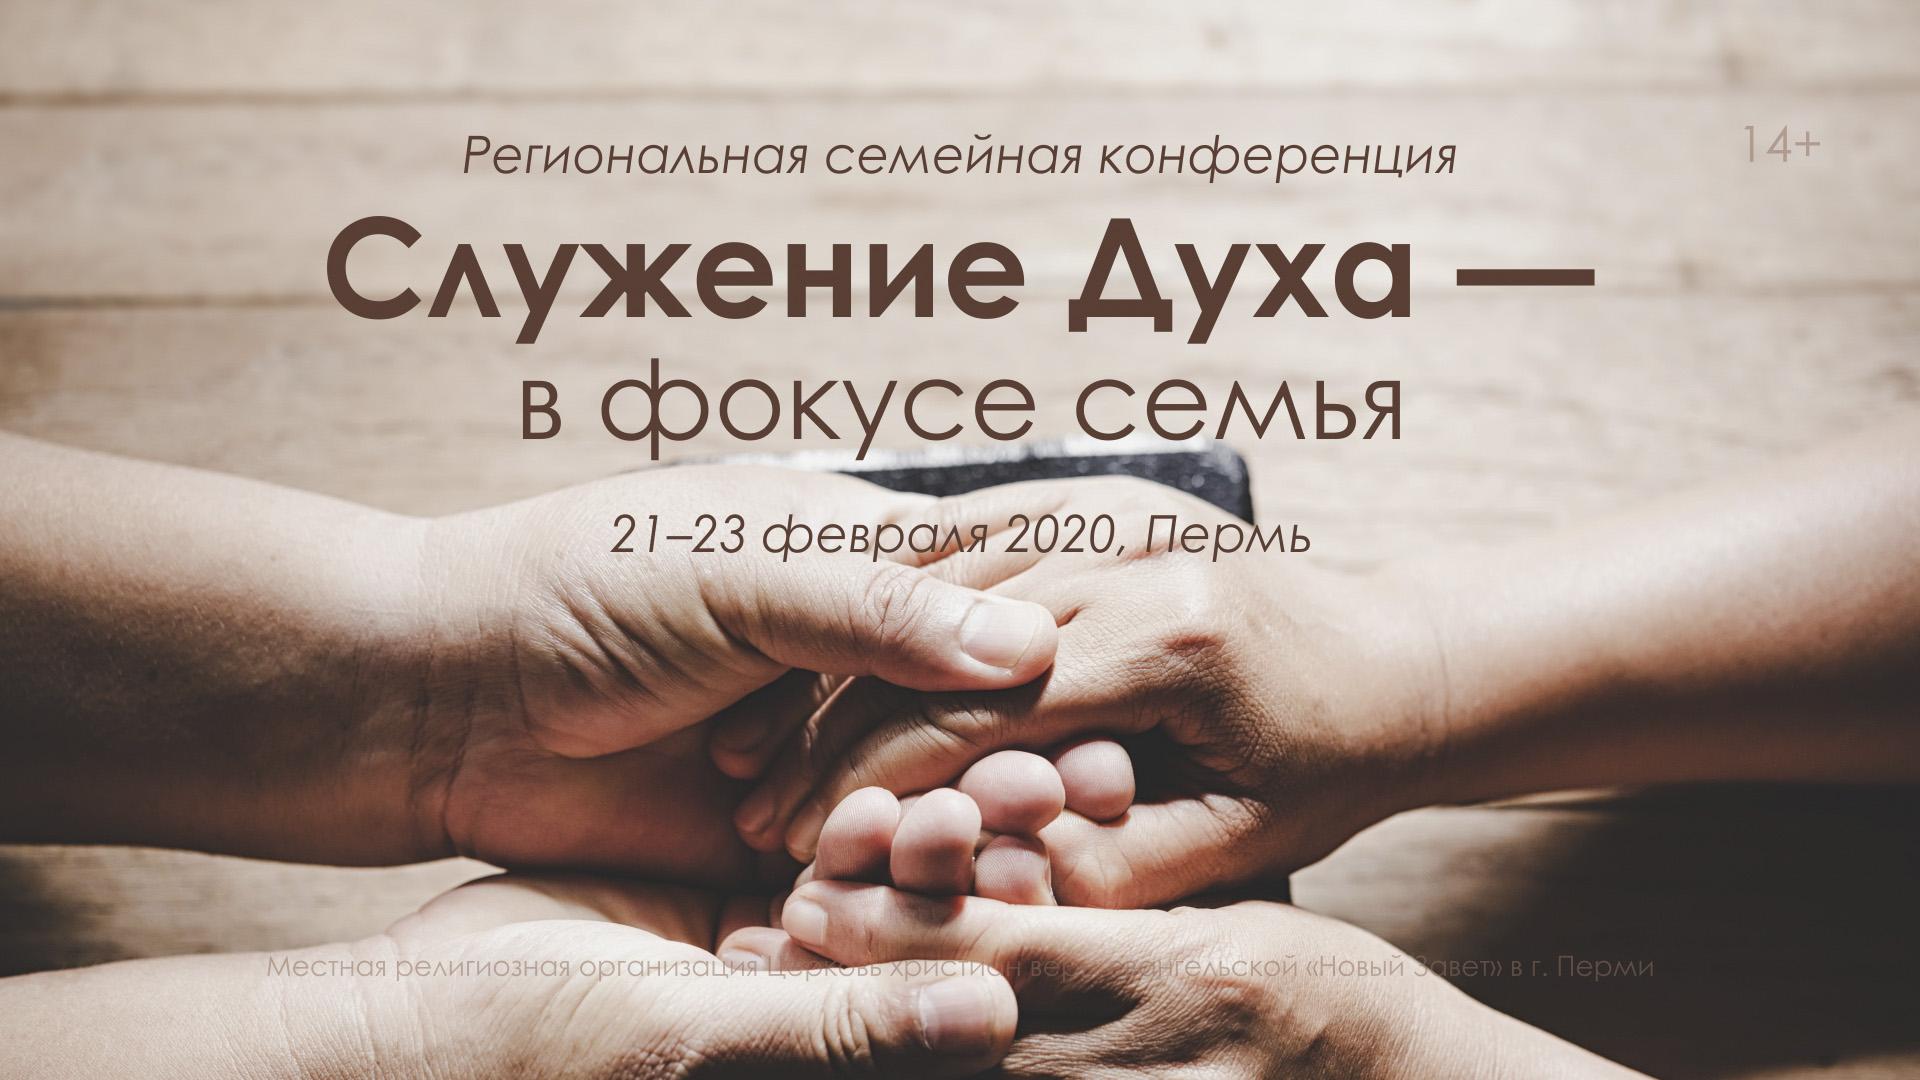 Приглашаем на региональную семейную конференцию «Служение Духа — в фокусе семья», которая пройдёт 21–23 февраля в Перми